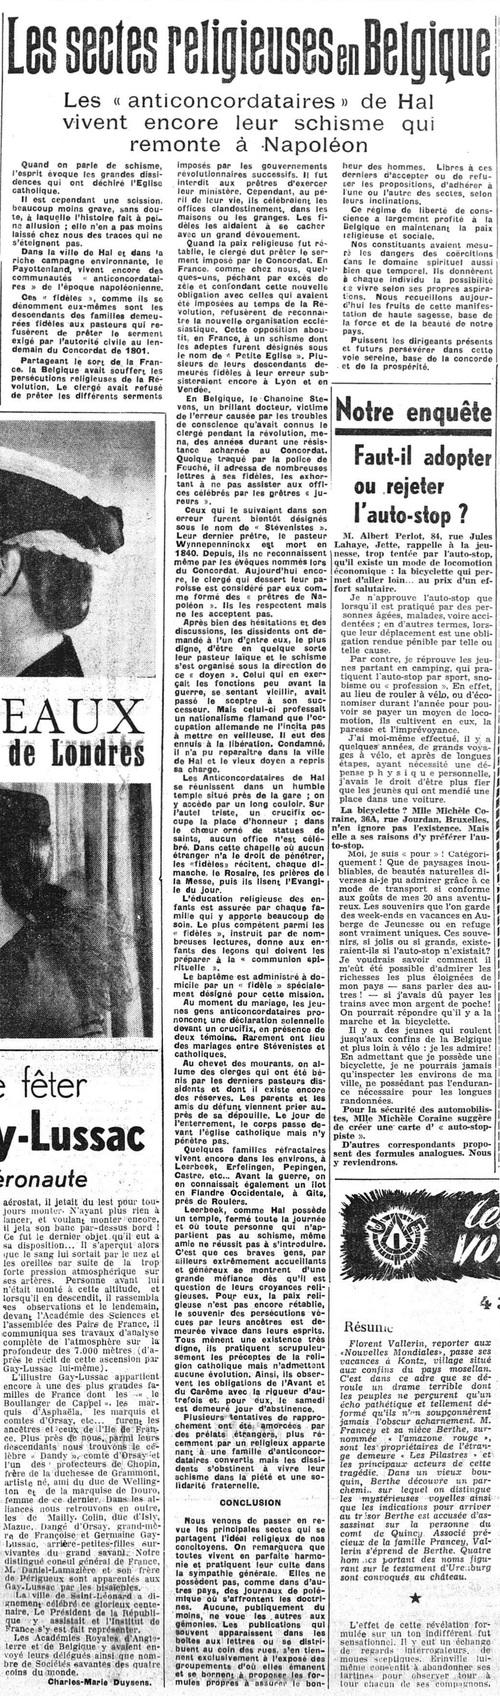 Les sectes religieuses en Belgique : Les « anticondordataires » de Hal (La Lanterne, 17 mai 1950)(Belgicapress)